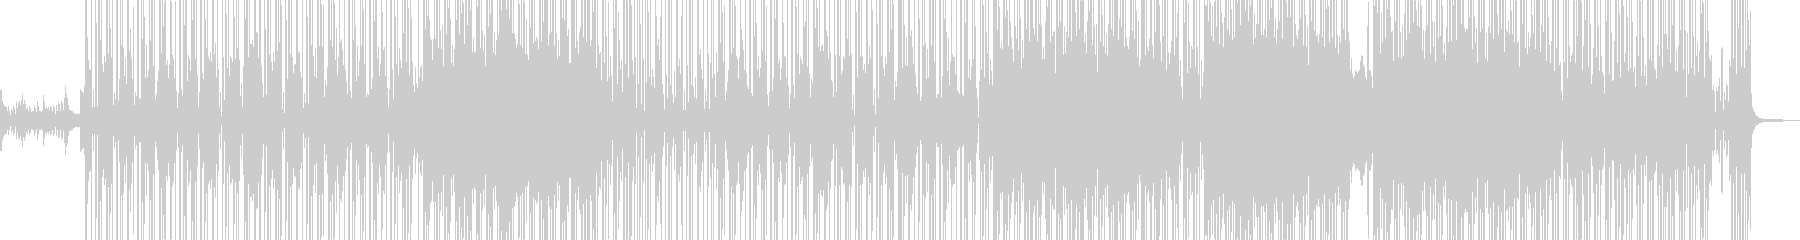 ビターエンドテーマの切ないR&B 長尺★の未再生の波形